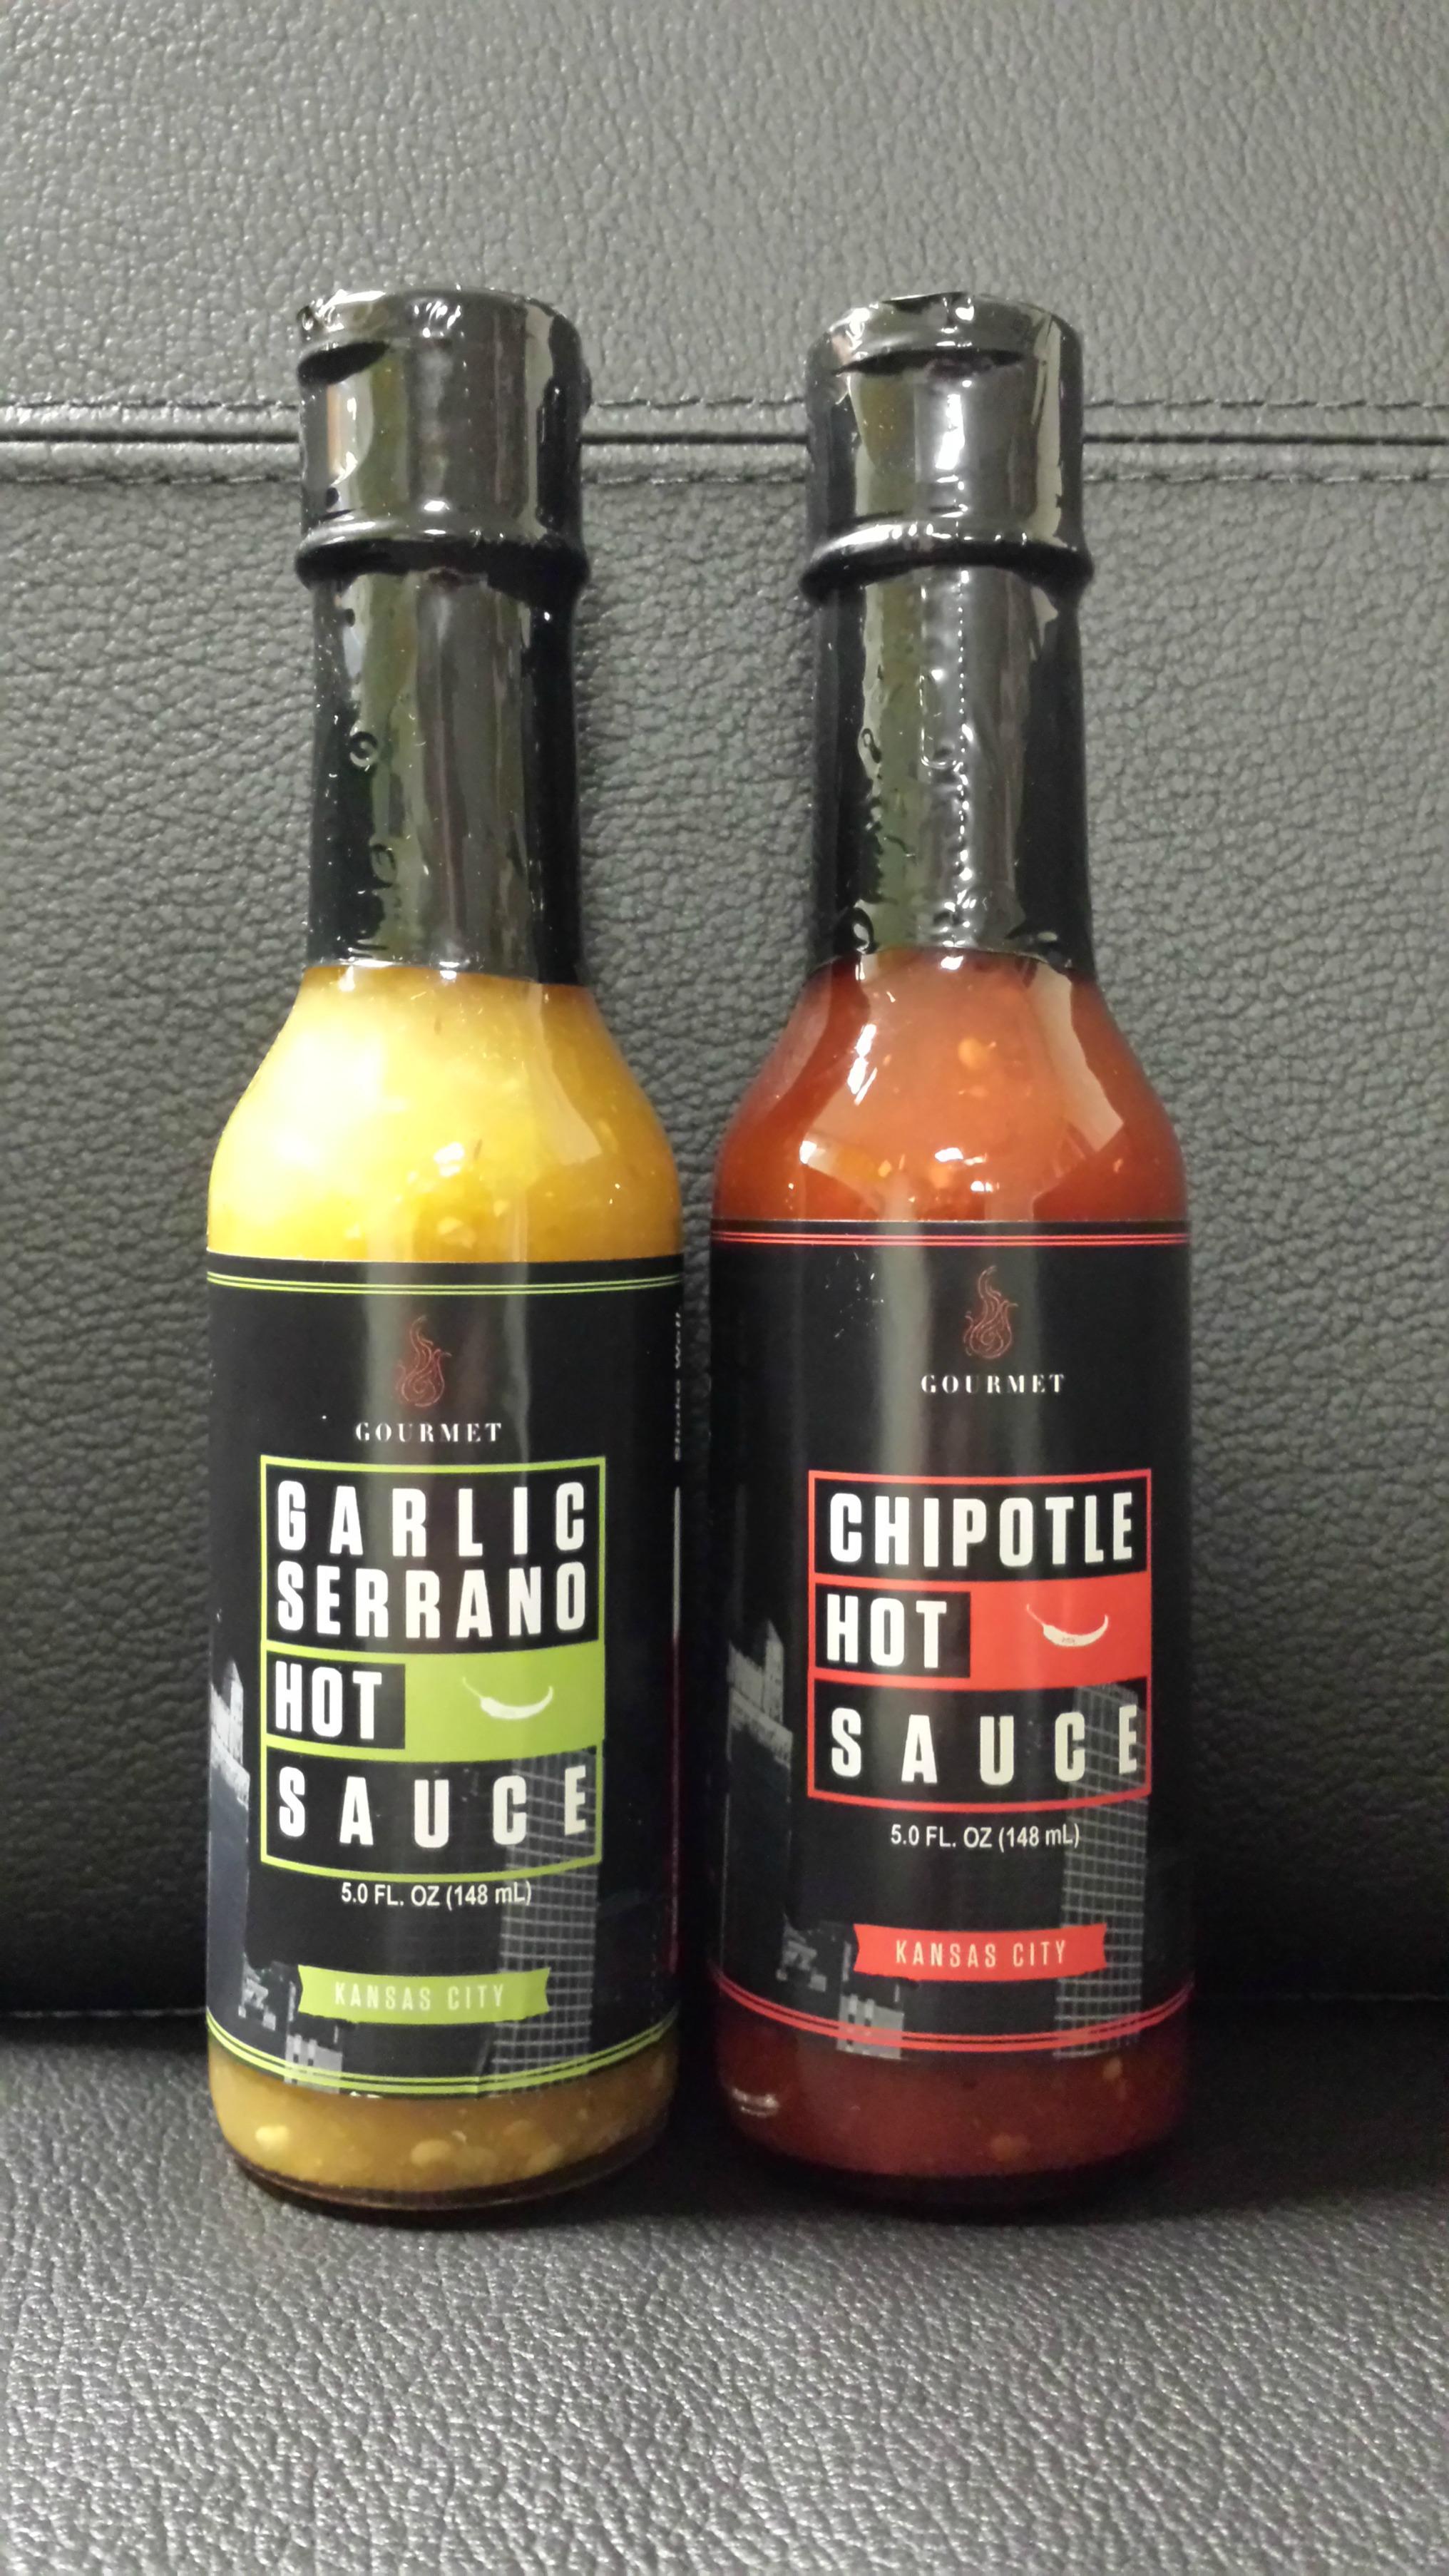 New eggtc. Gourmet Hot Sauces!